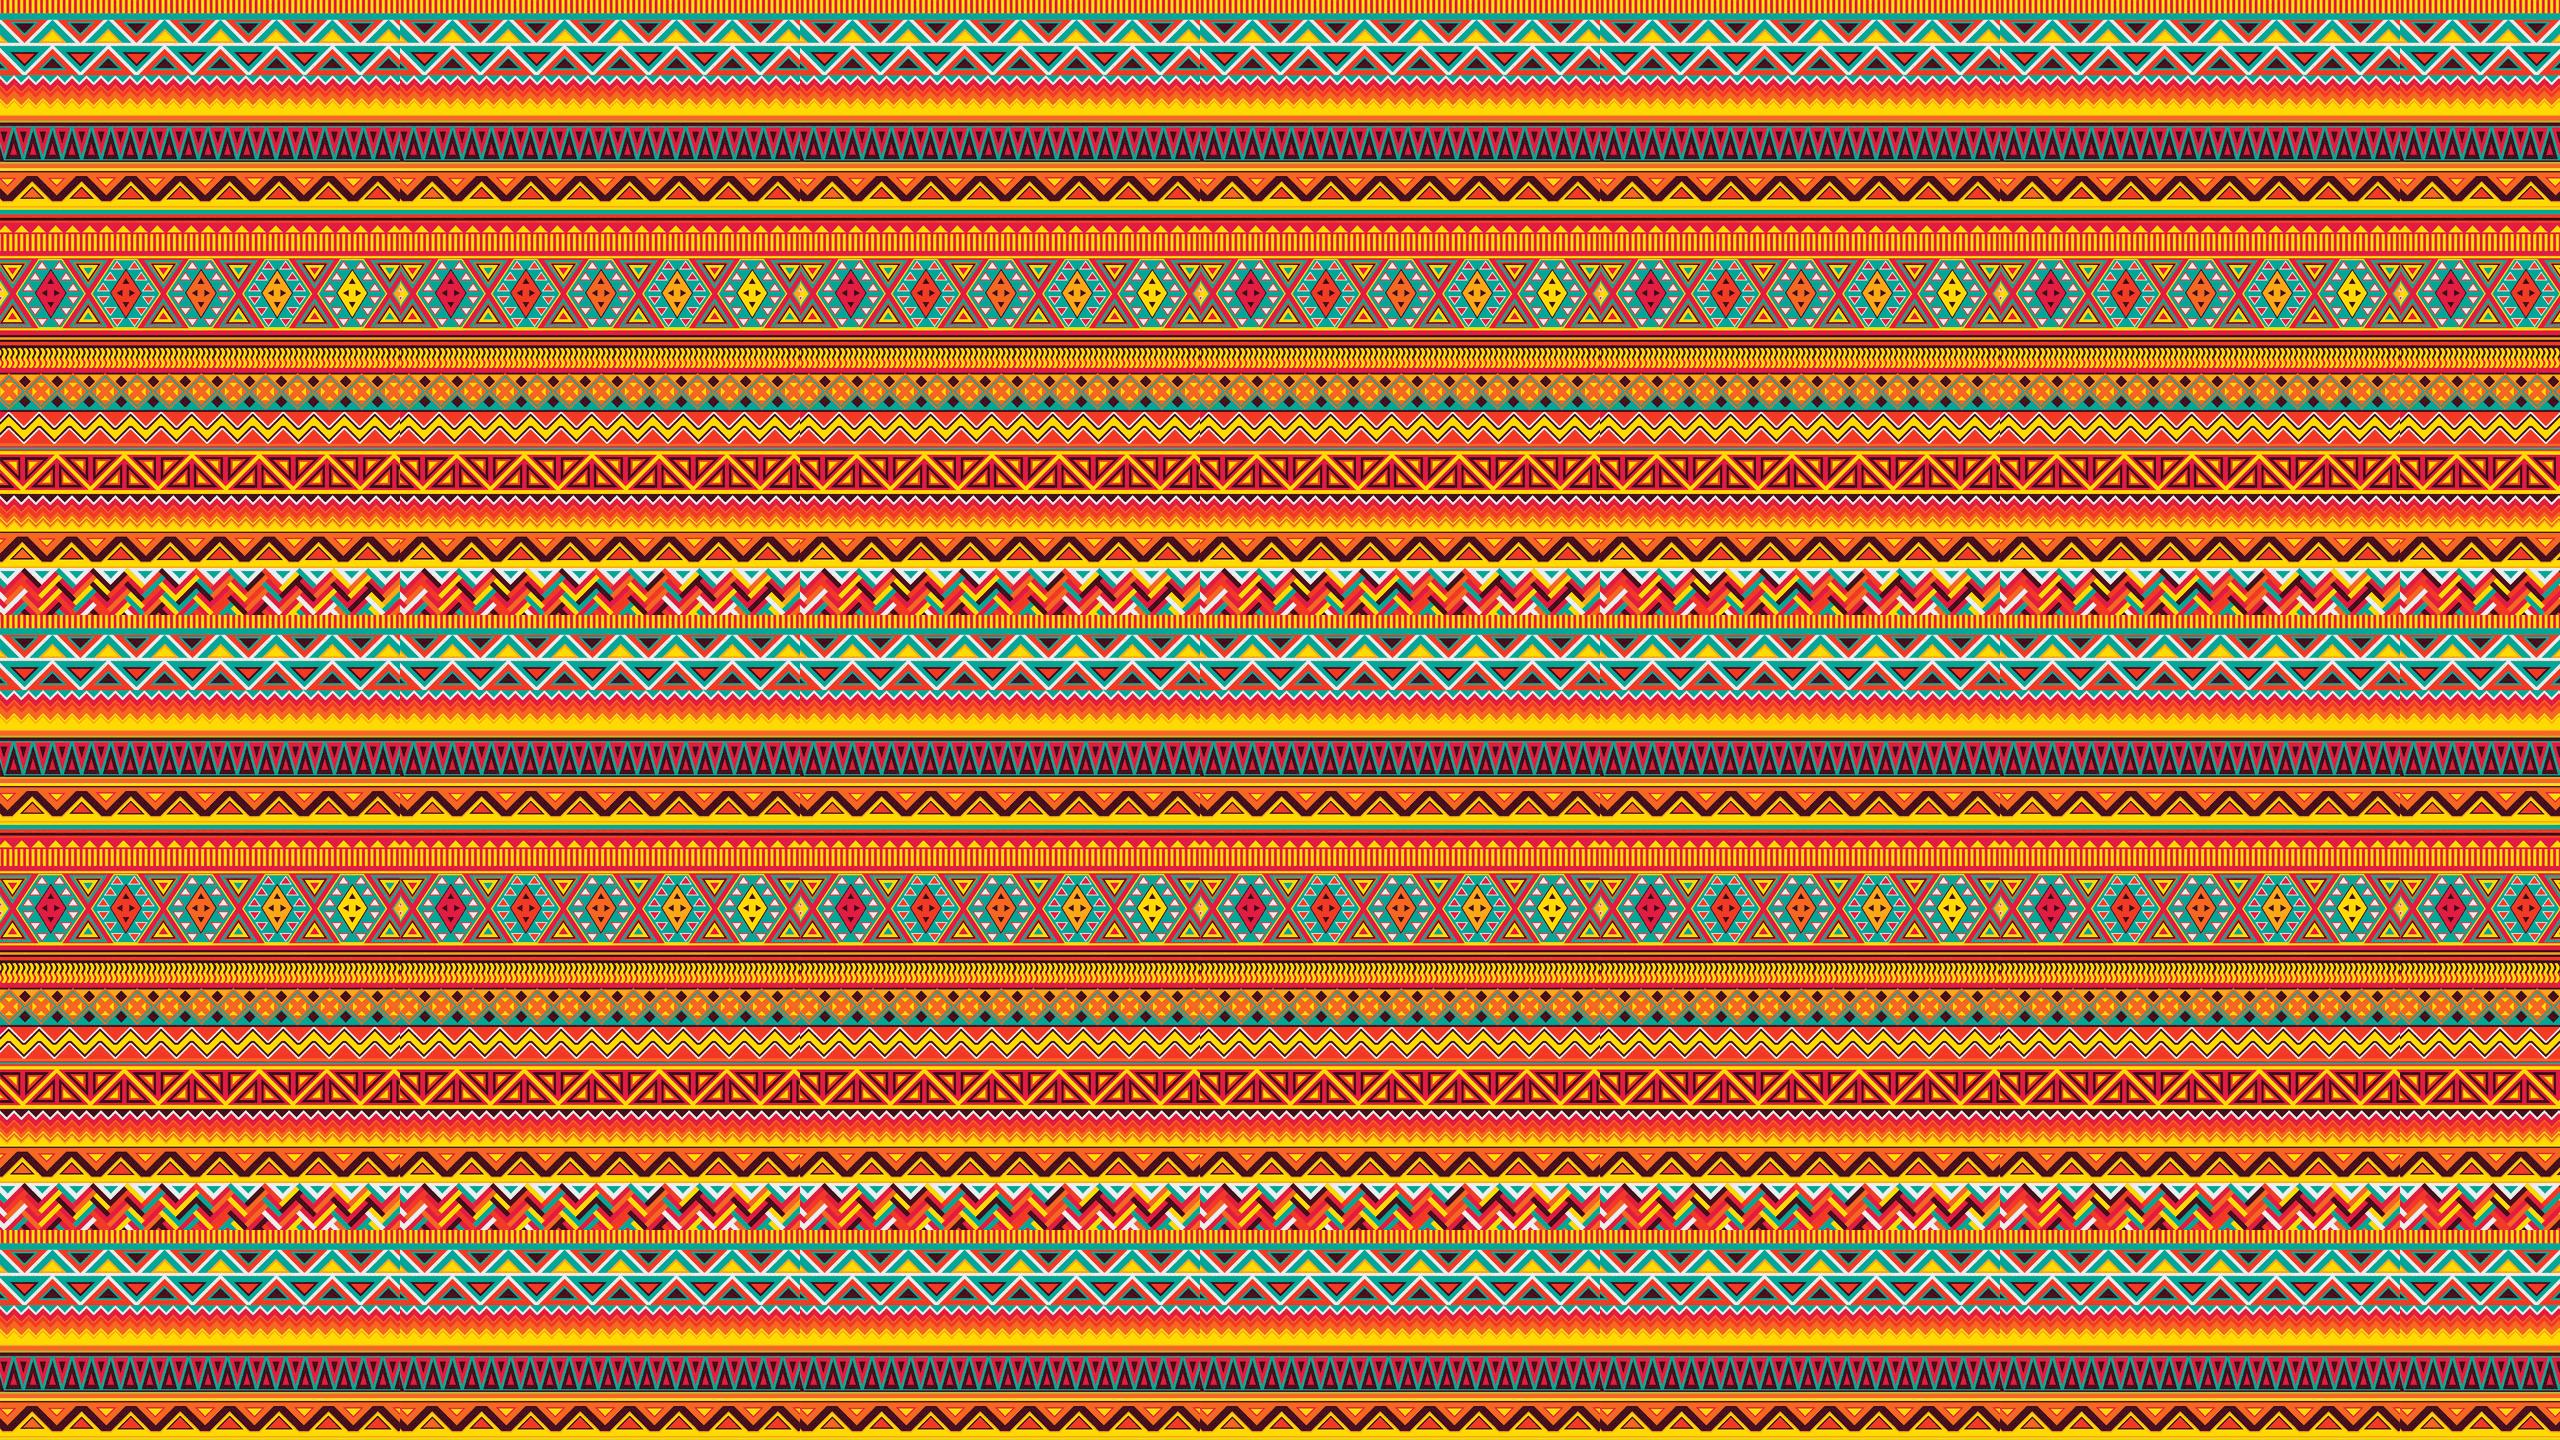 Aztec Desktop Wallpaper 2560x1440